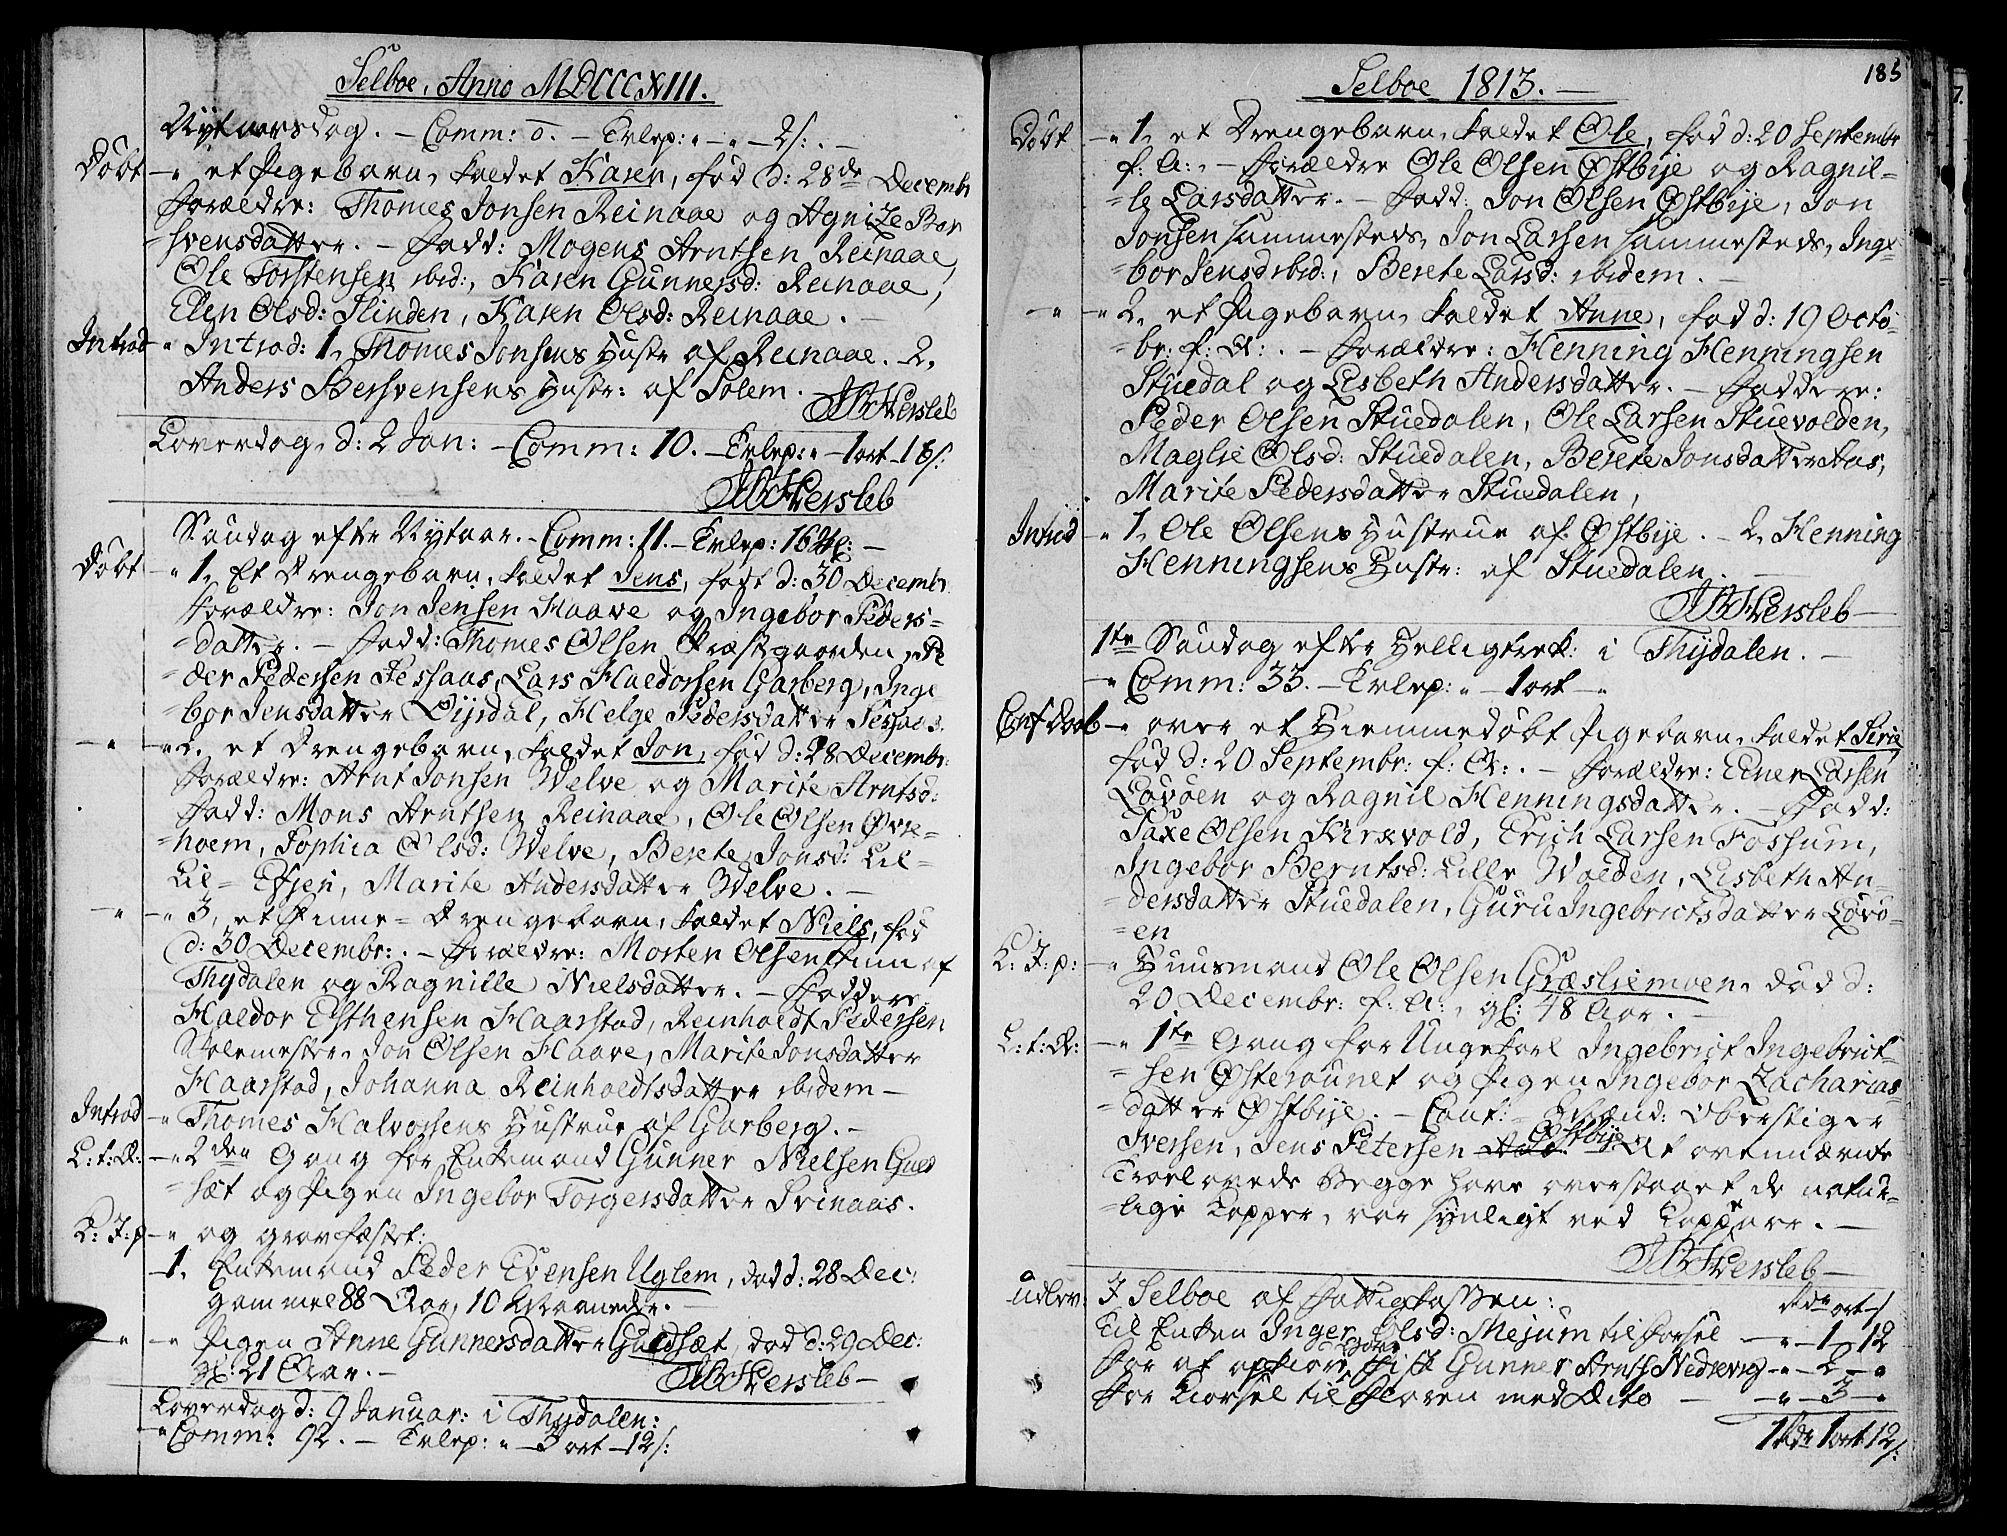 SAT, Ministerialprotokoller, klokkerbøker og fødselsregistre - Sør-Trøndelag, 695/L1140: Ministerialbok nr. 695A03, 1801-1815, s. 185